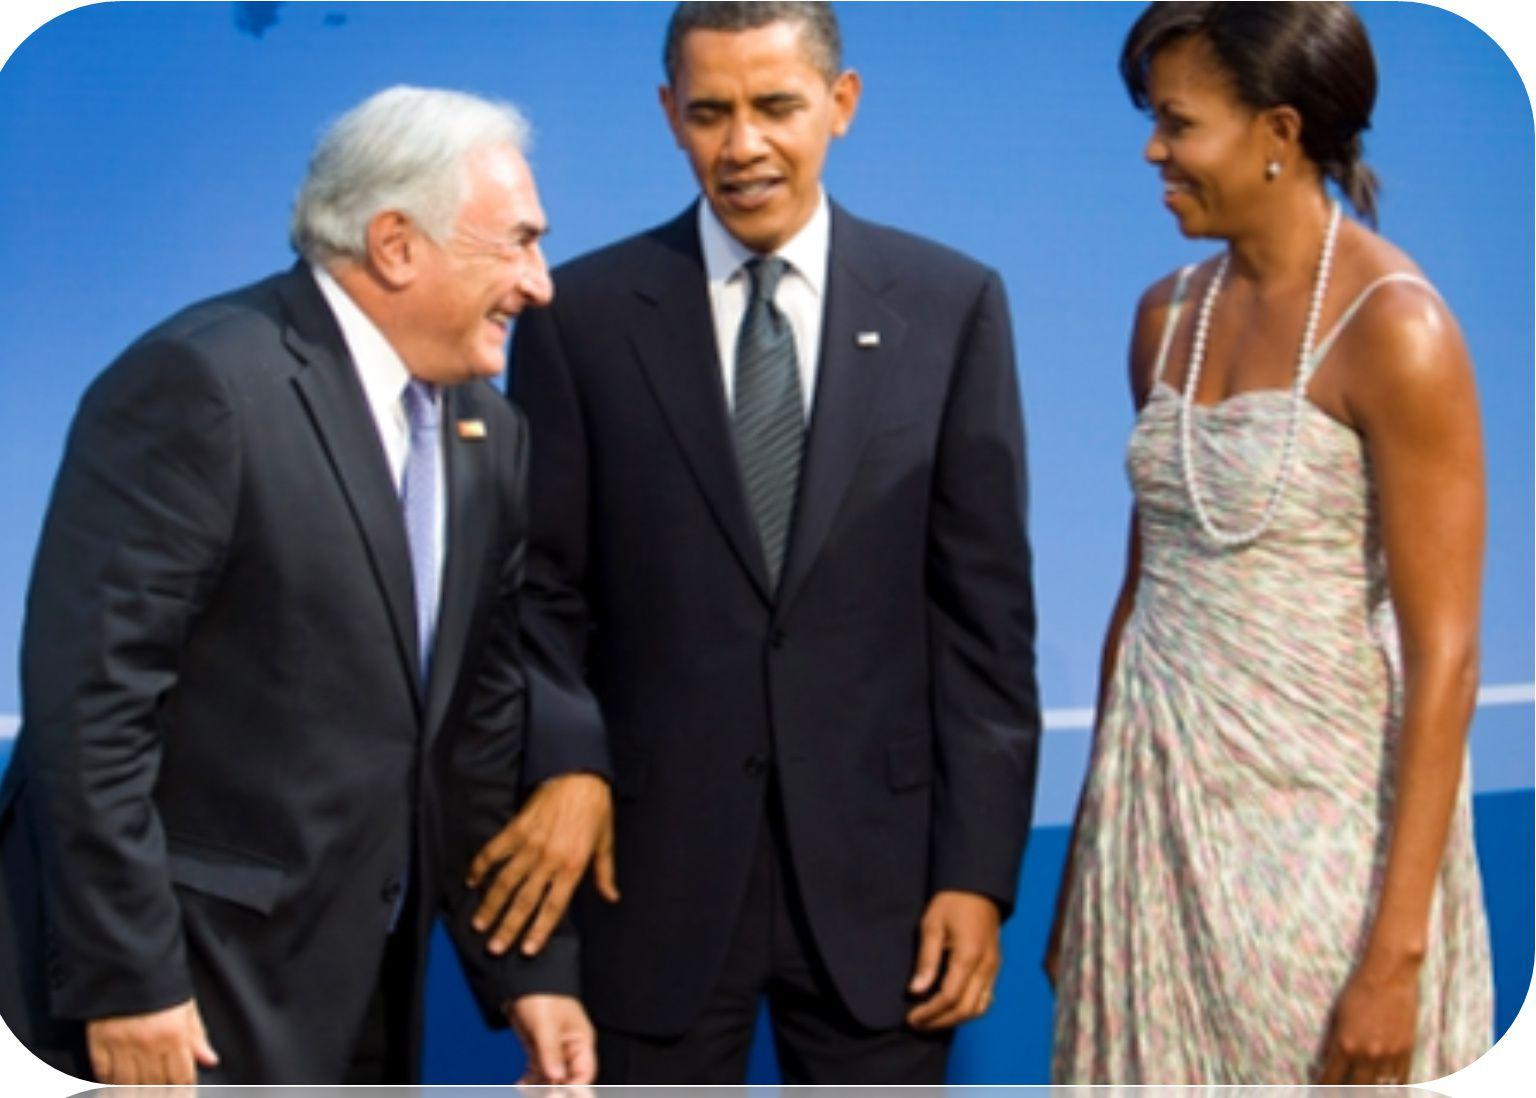 2 ) Priape : Dieu latin de la fertilité. 3 ) Même au sommet de l'Etat, il est important de protéger son épouse ( qui, comme la femme de César ne doit pas être soupçonnée ). On appréciera ici le geste protecteur, et discret de Barrack Obama et de sa mainprotectrice de Michèle, devant un célèbre priapiste, idole de la gauche soixante-huitarde.